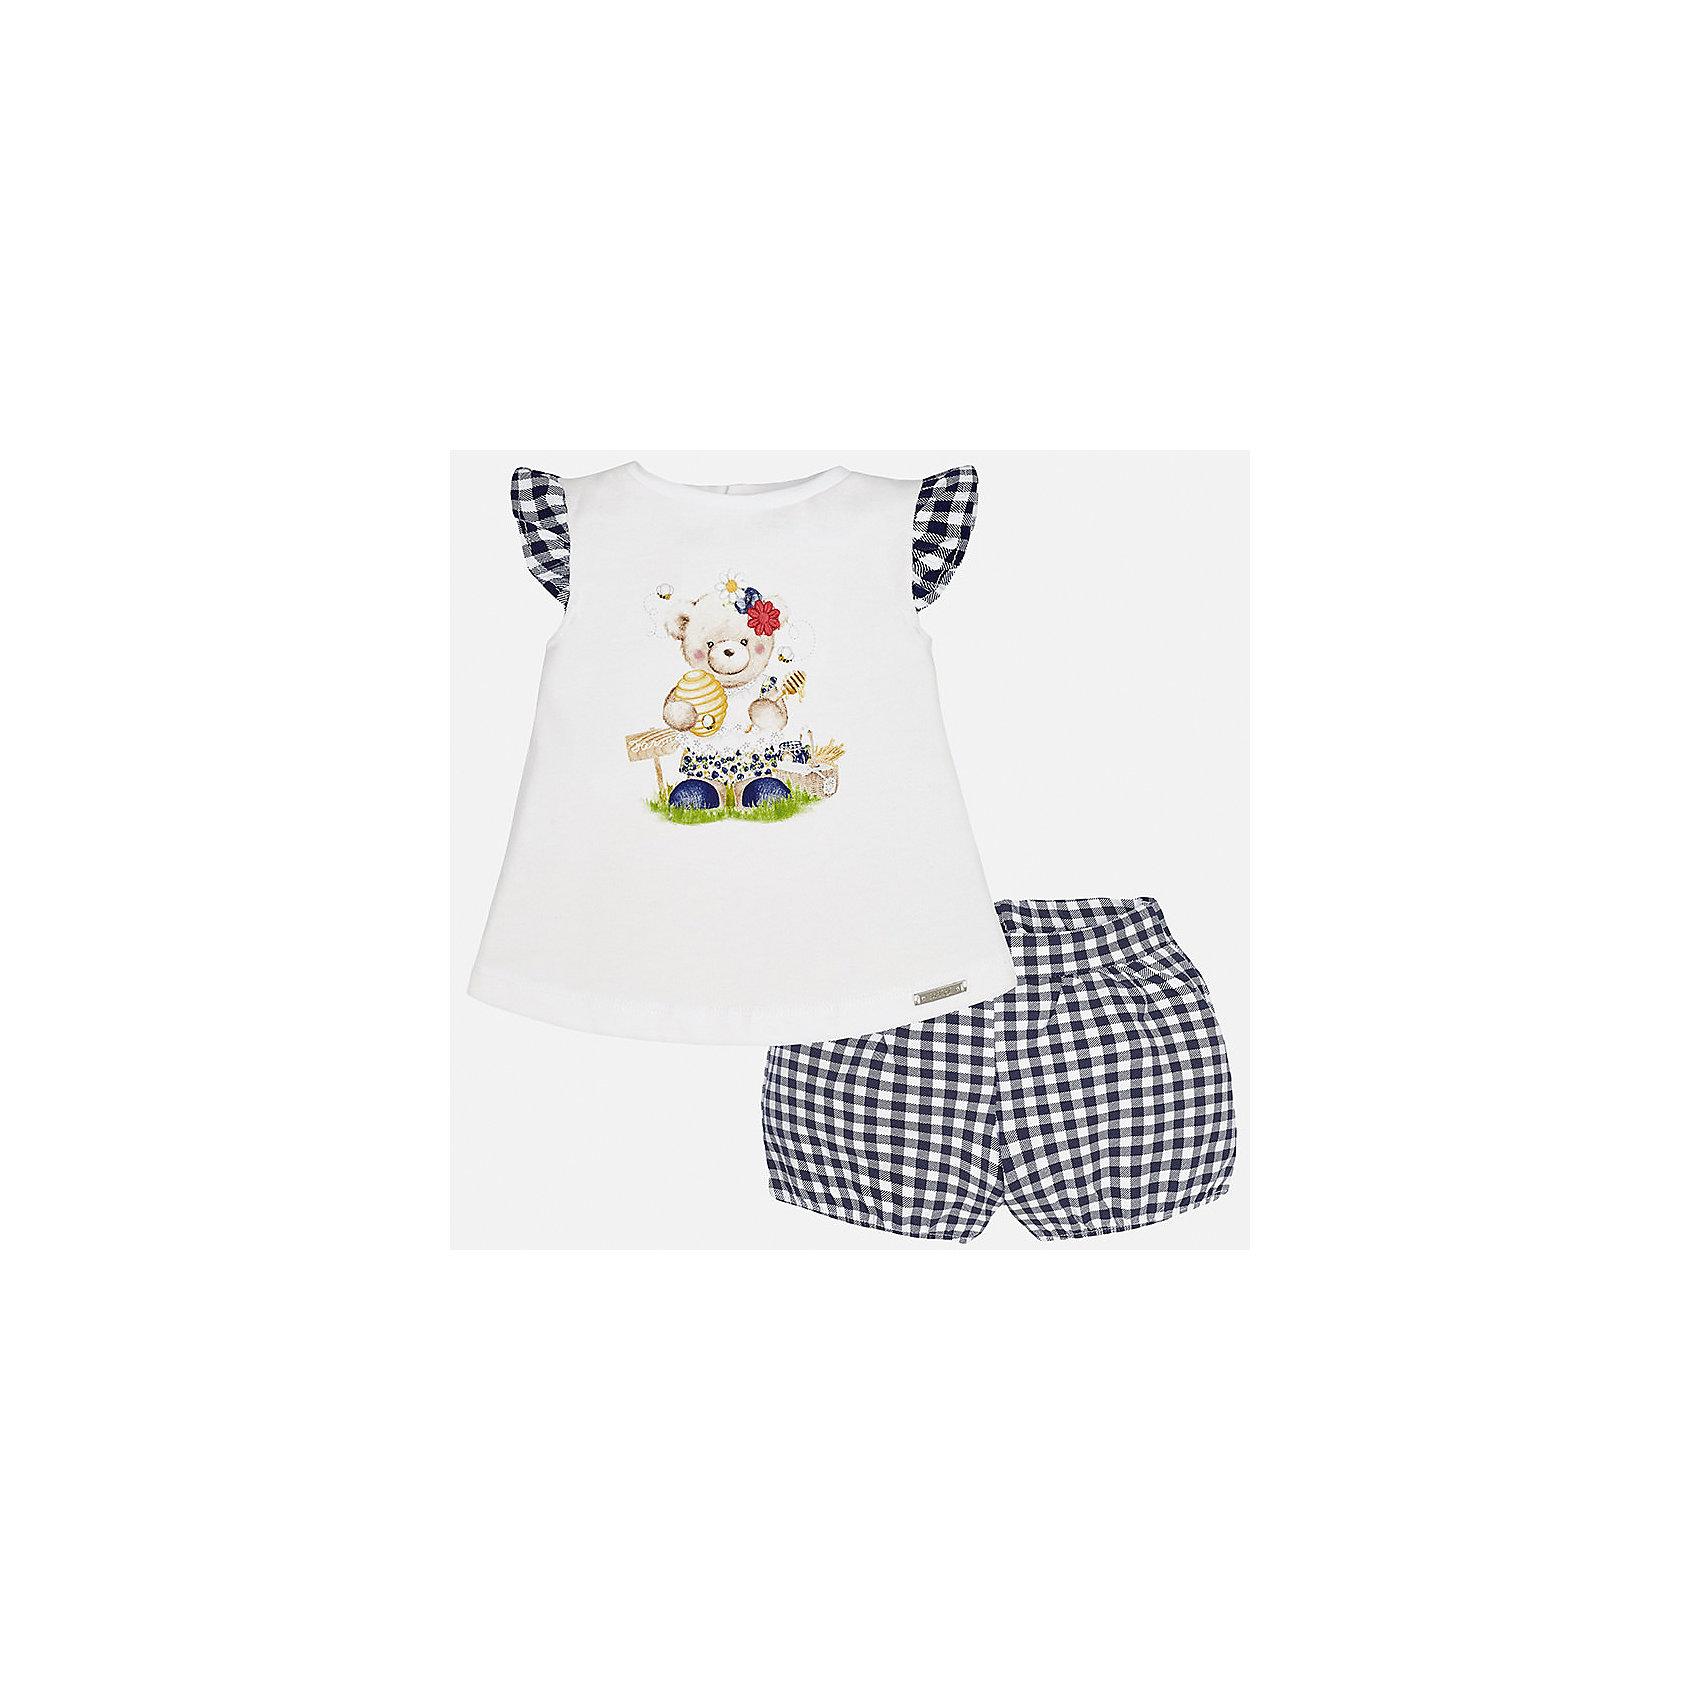 Комплект: футболка с длинным рукавом и шорты для девочки MayoralКомплекты<br>Комплект: футболка с длинным рукавом и шорты для девочки от известной испанской марки Mayoral.<br><br>Ширина мм: 191<br>Глубина мм: 10<br>Высота мм: 175<br>Вес г: 273<br>Цвет: синий<br>Возраст от месяцев: 18<br>Возраст до месяцев: 24<br>Пол: Женский<br>Возраст: Детский<br>Размер: 92,74,80,86<br>SKU: 5288901